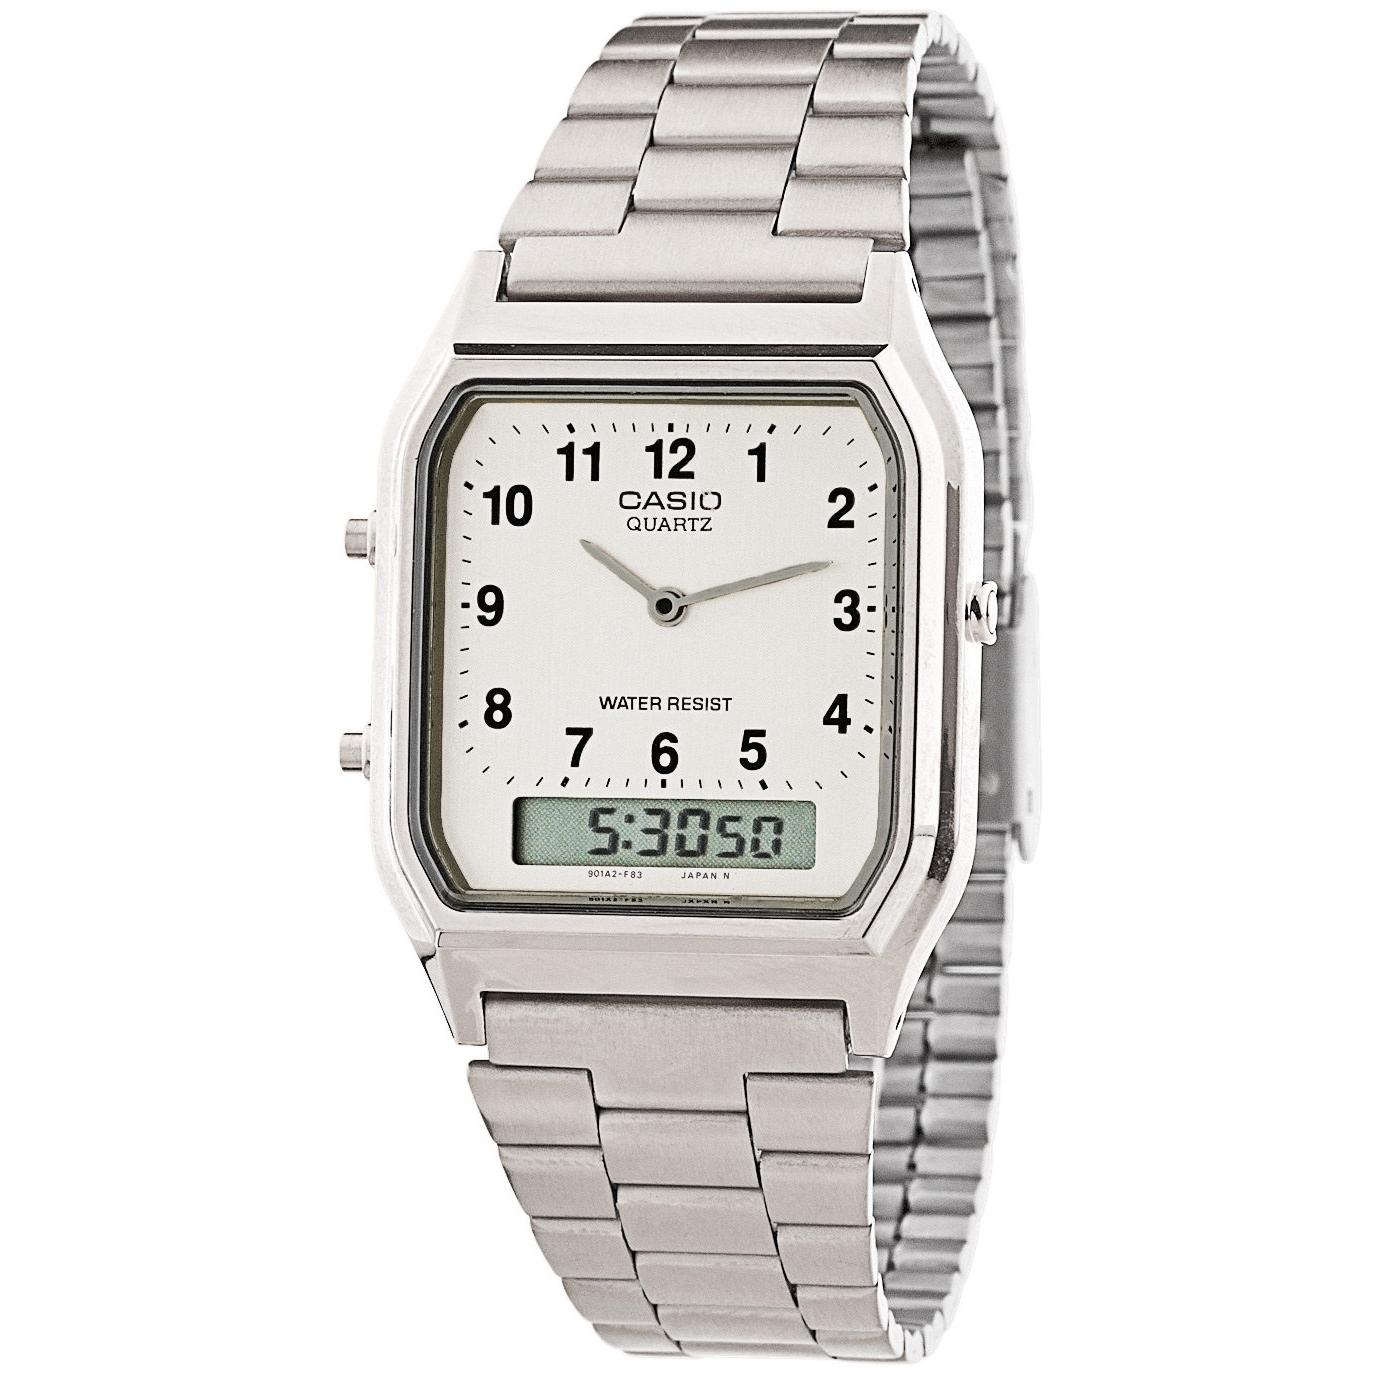 Guantity limitata vendita professionale carino economico nuovi arrivi 6a561 68412 orologi casio vintage ...